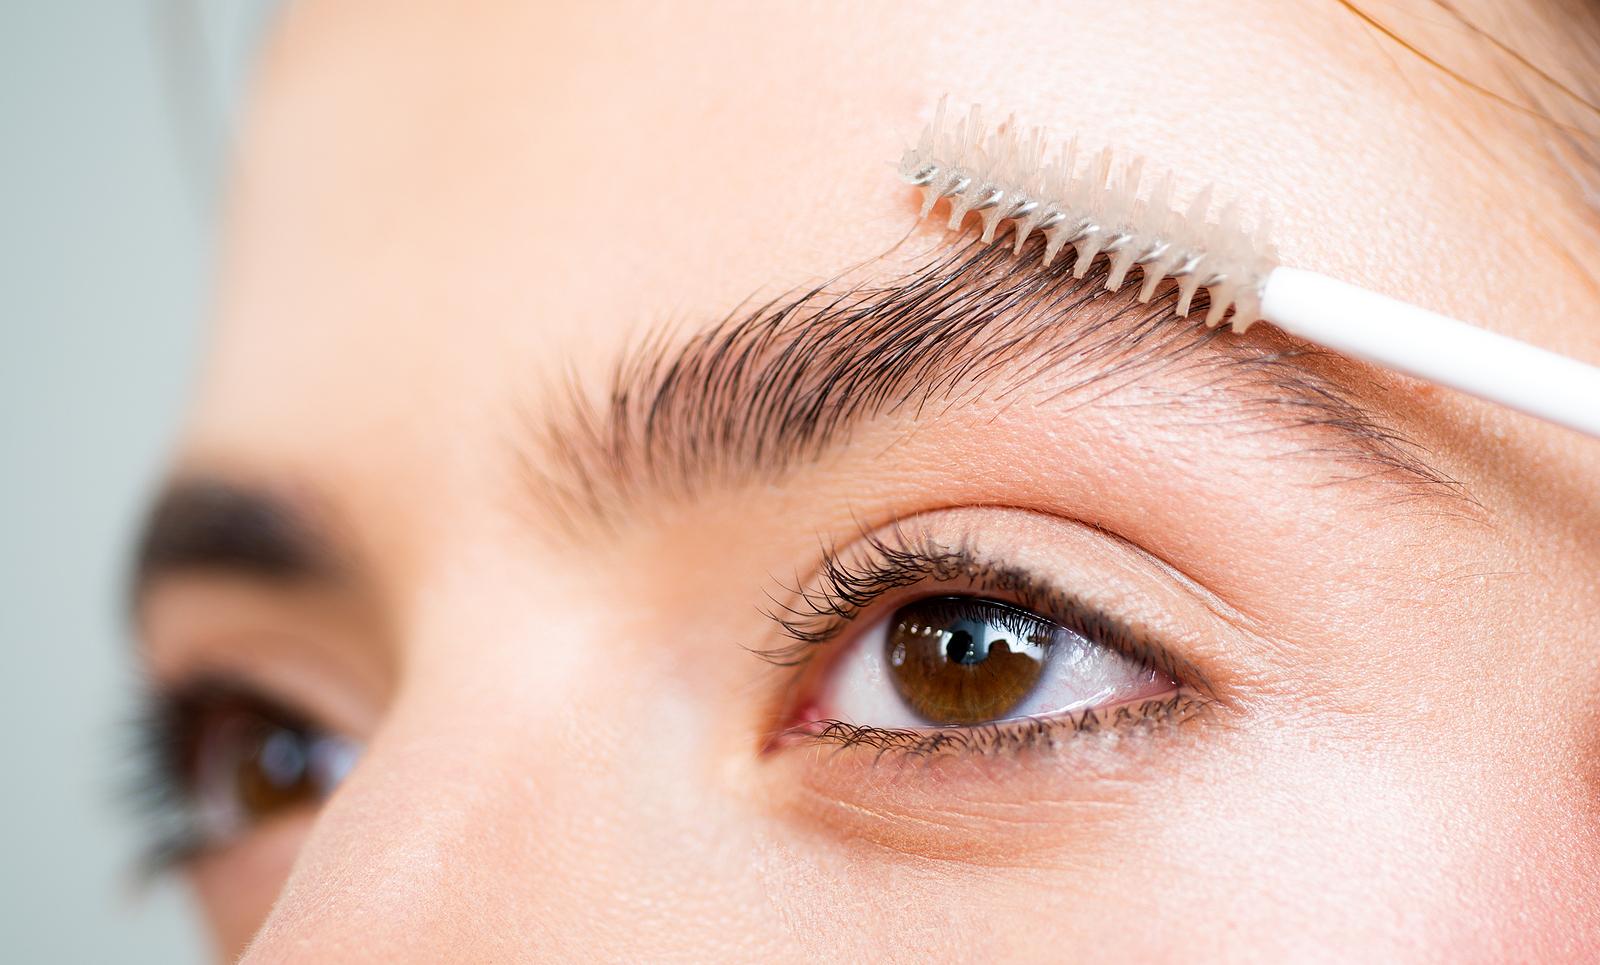 Nahaufnahme des Augenbereiches einer Frau, welche sich die Augenbrauen bürstet